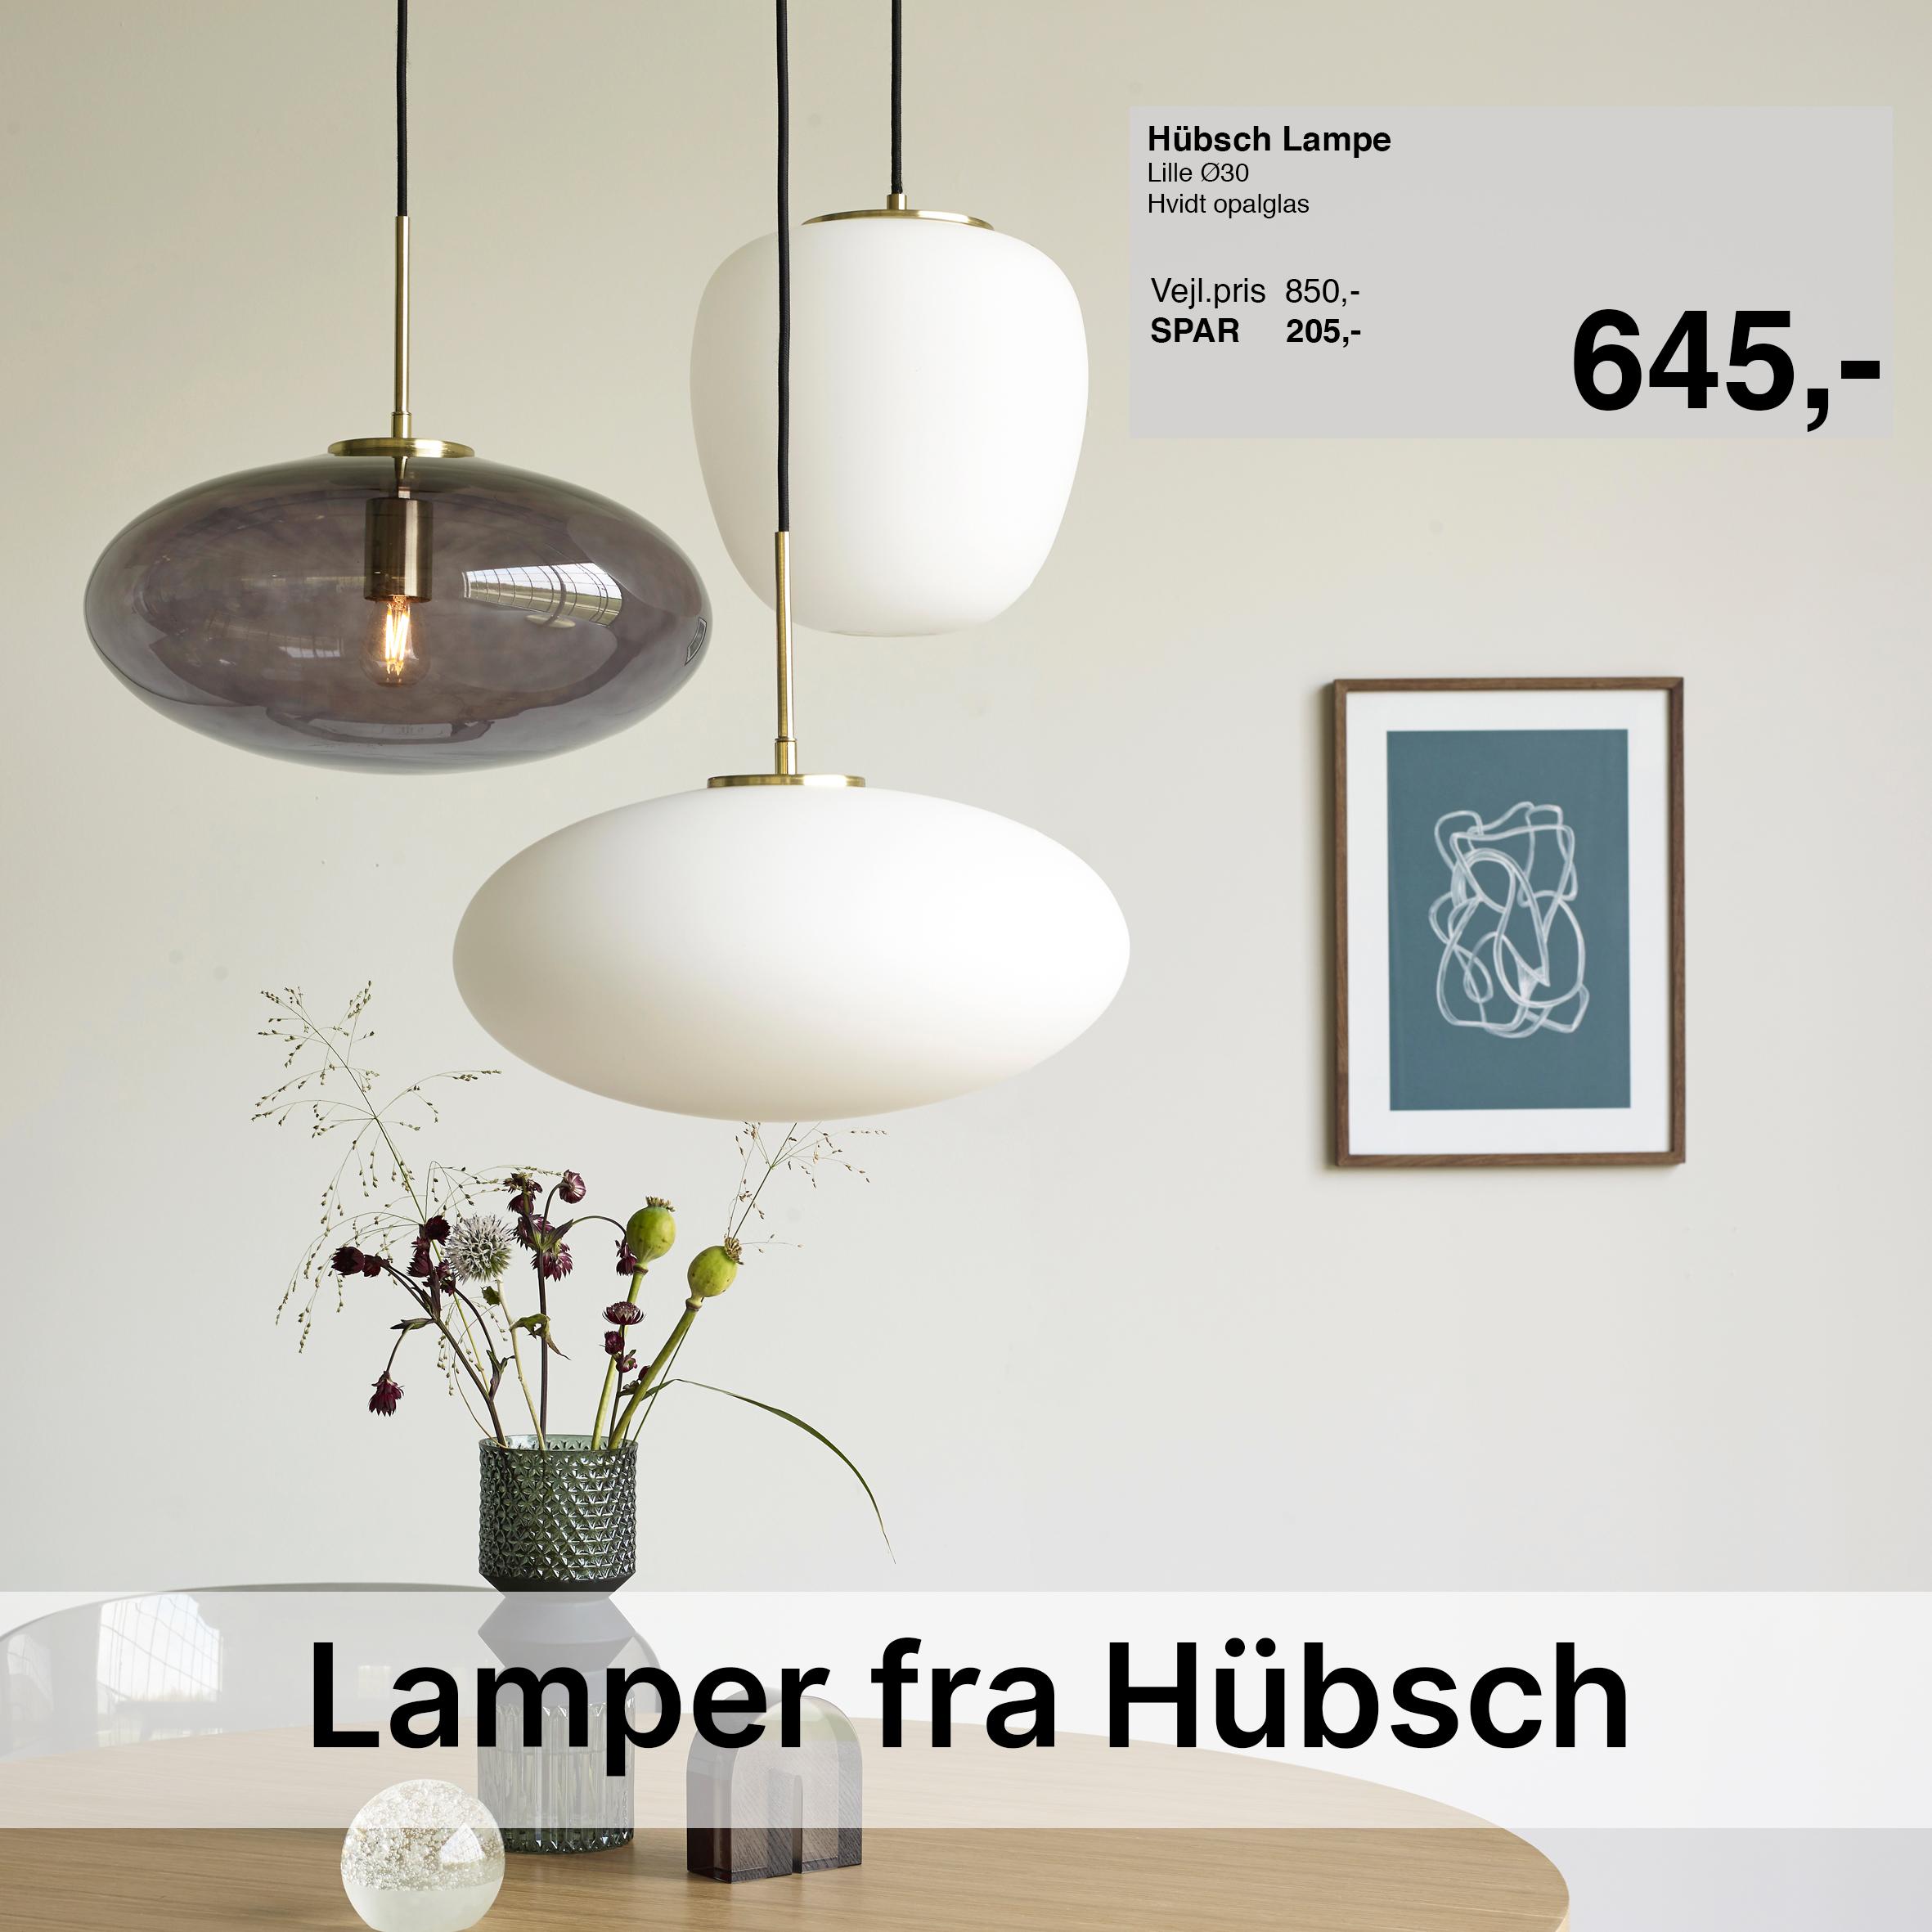 Hübsch Lamper